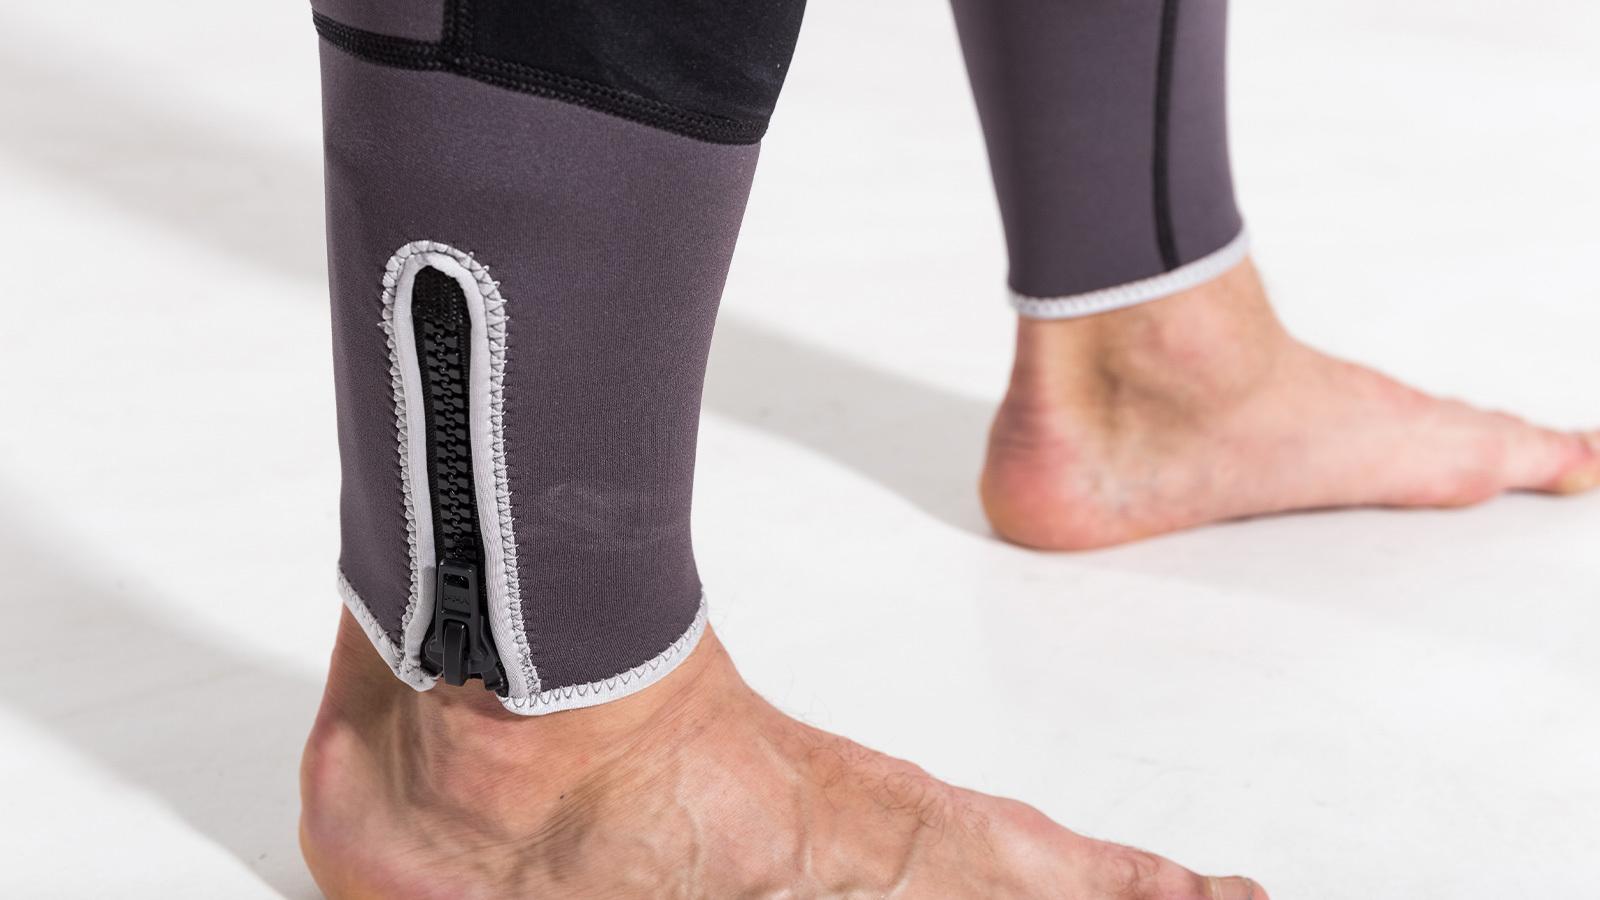 замки гидрокостюма на ногах